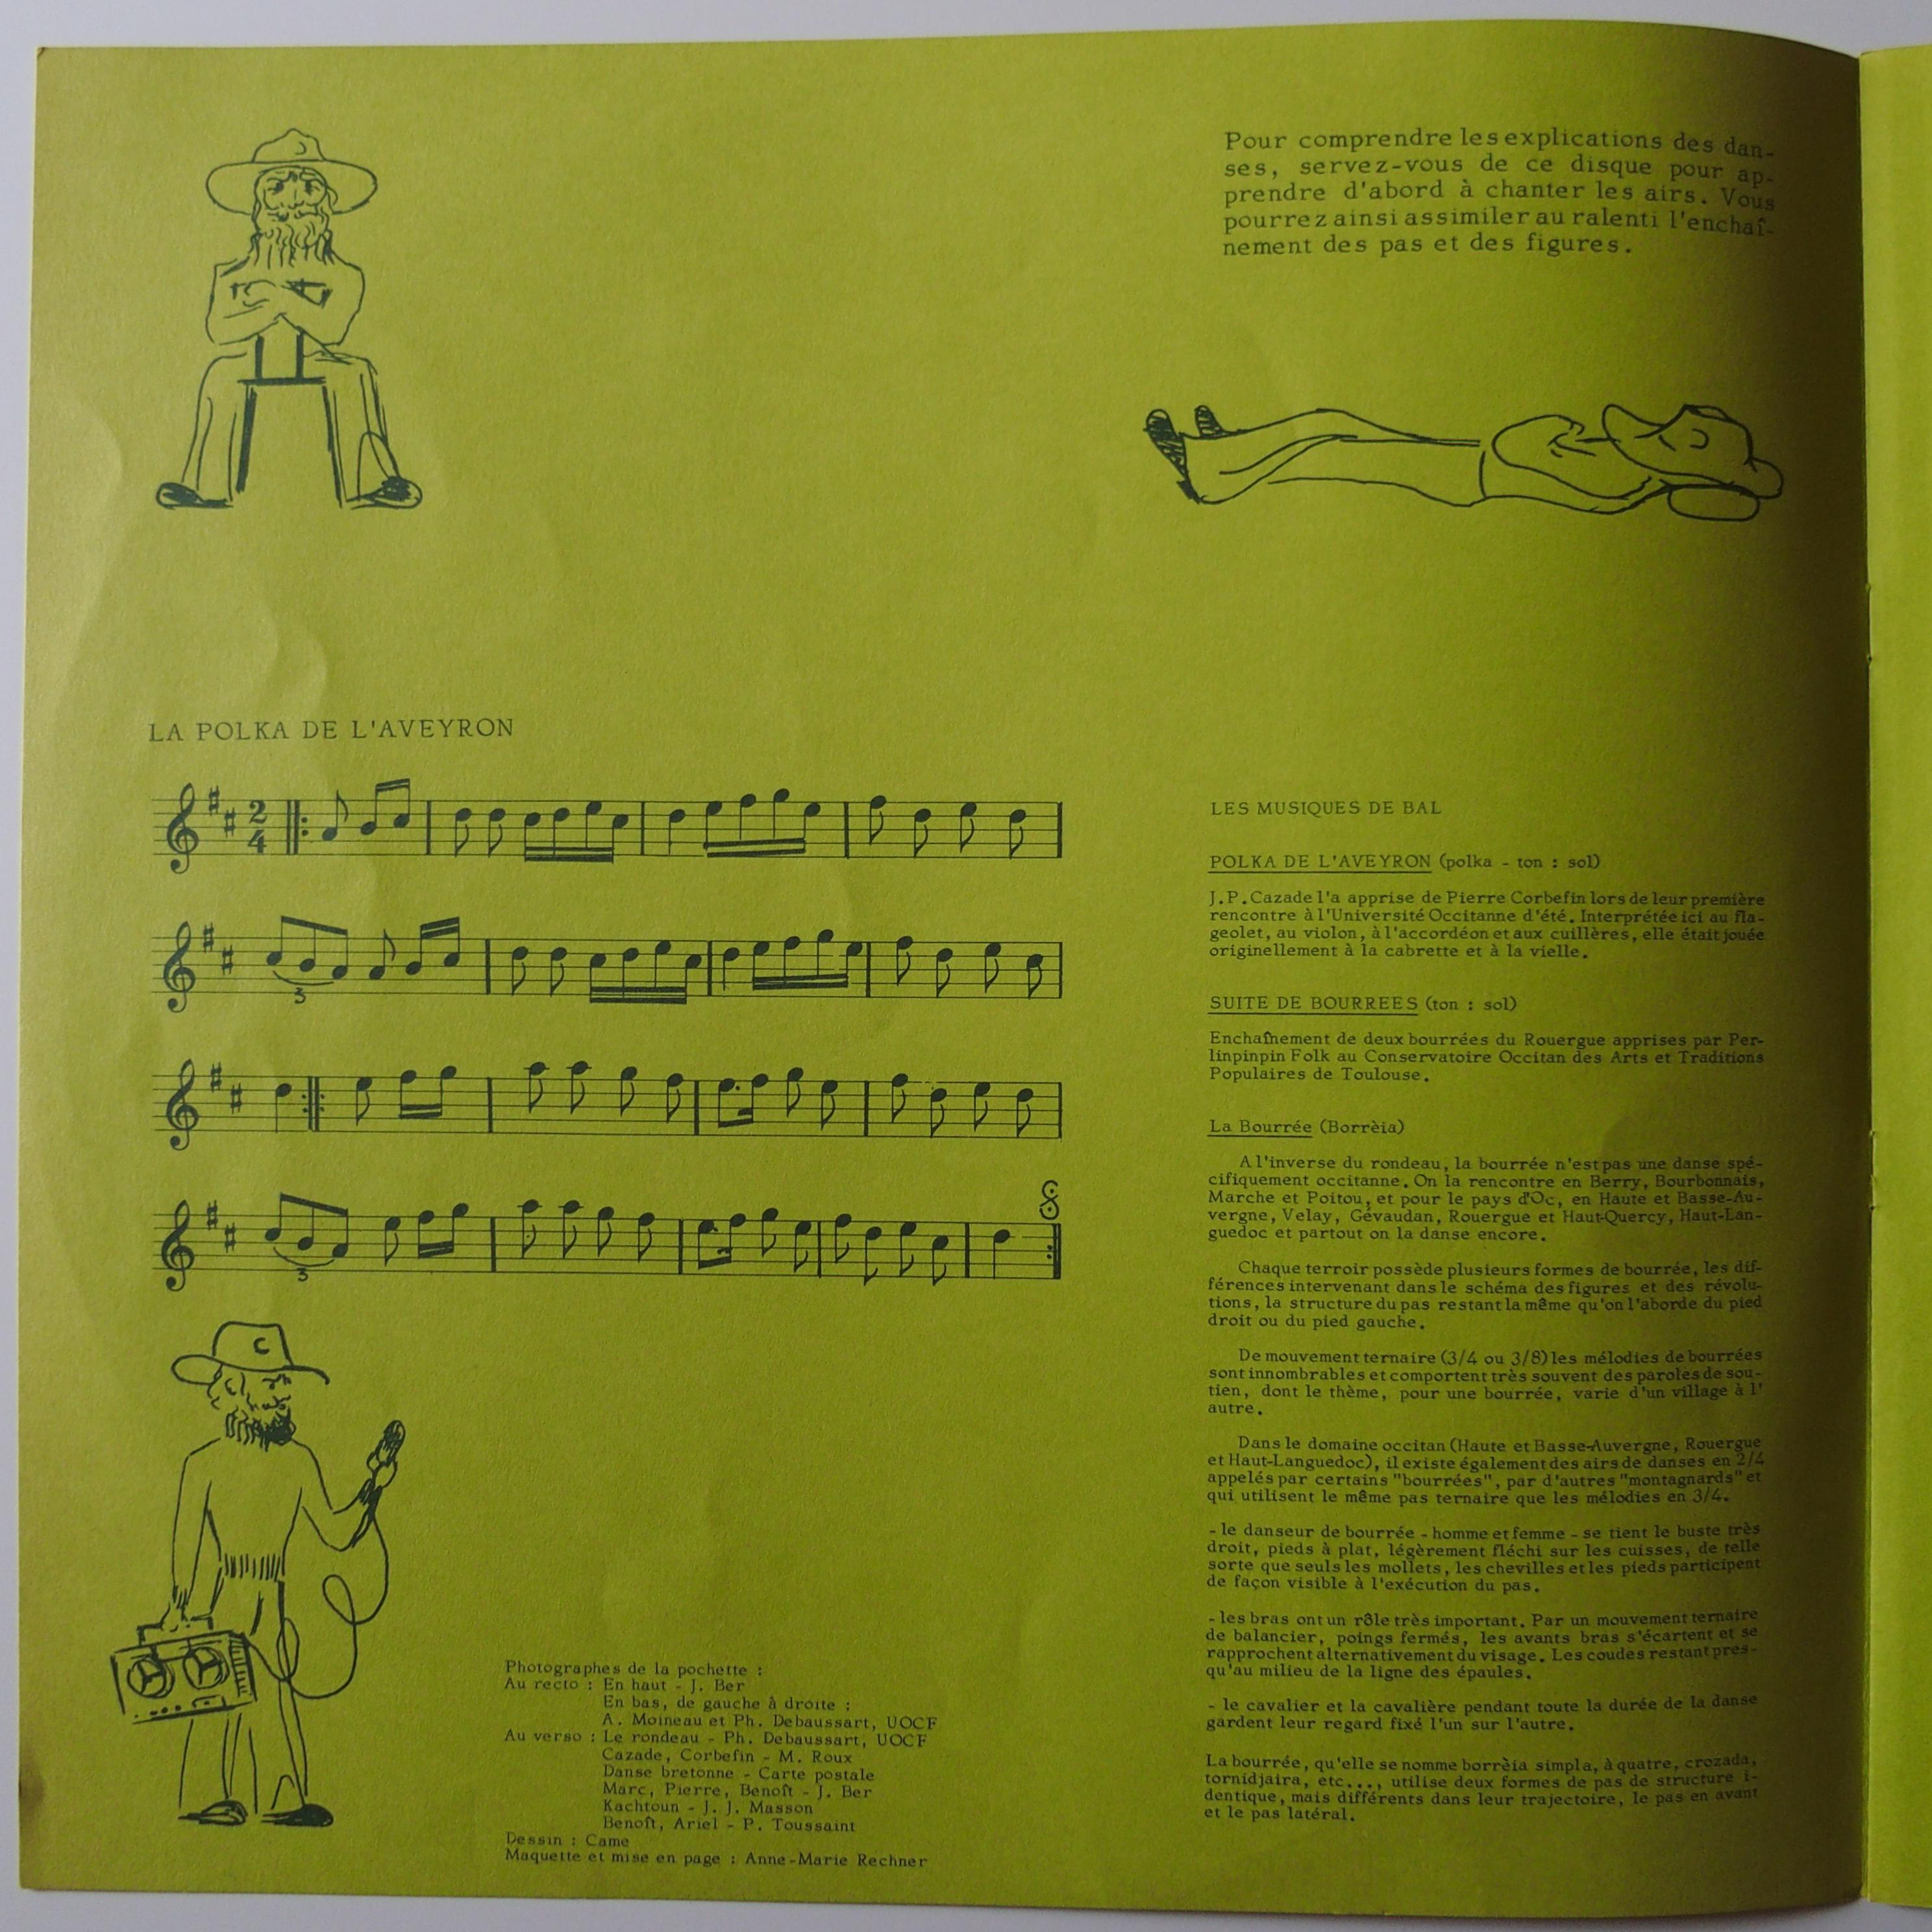 Livret, page 2/8